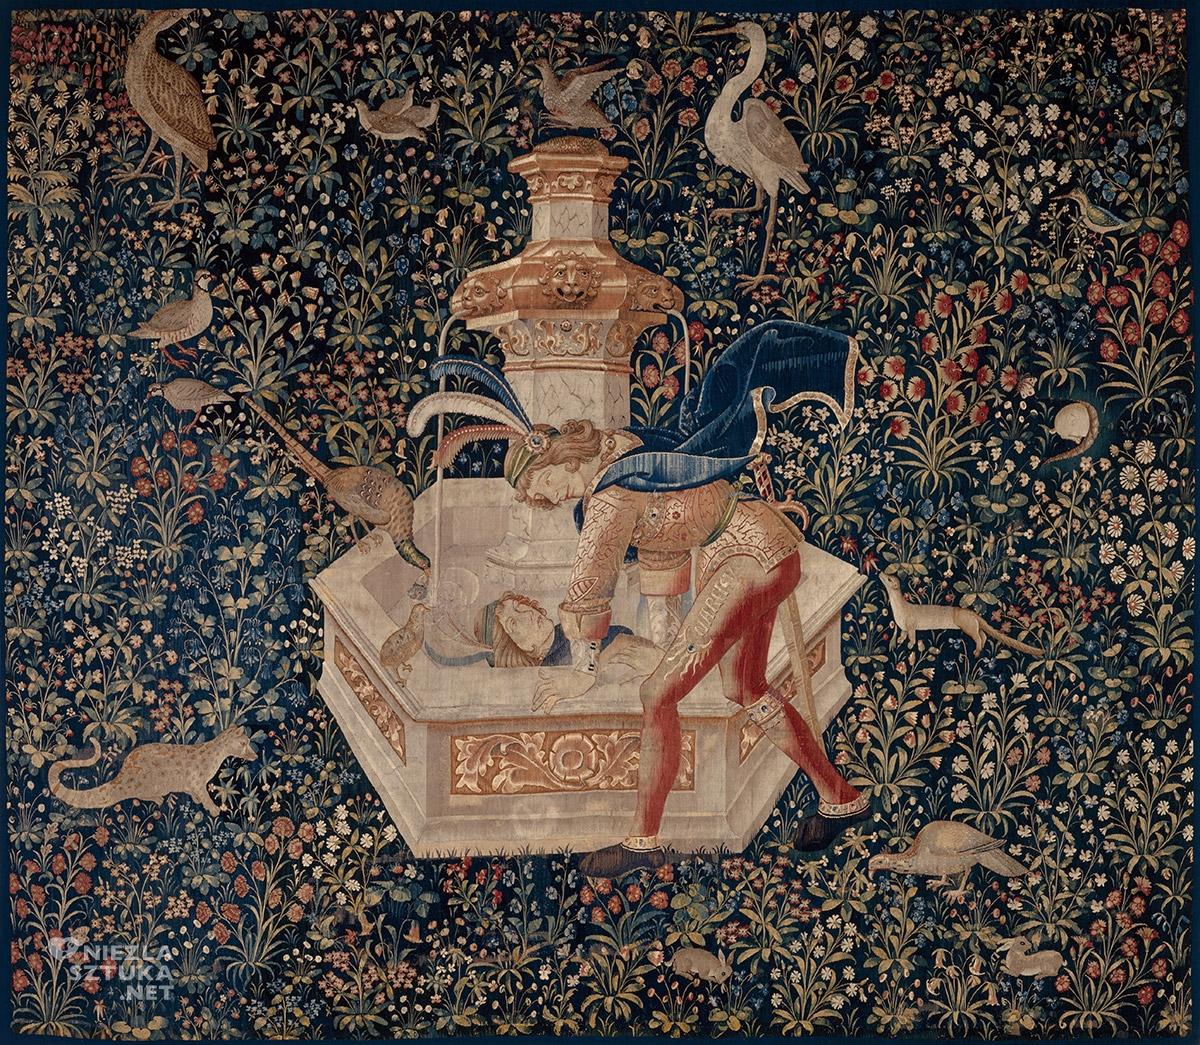 Arras, narcyz w sztuce, Owidiusz Metamorfozy, niezła sztuka